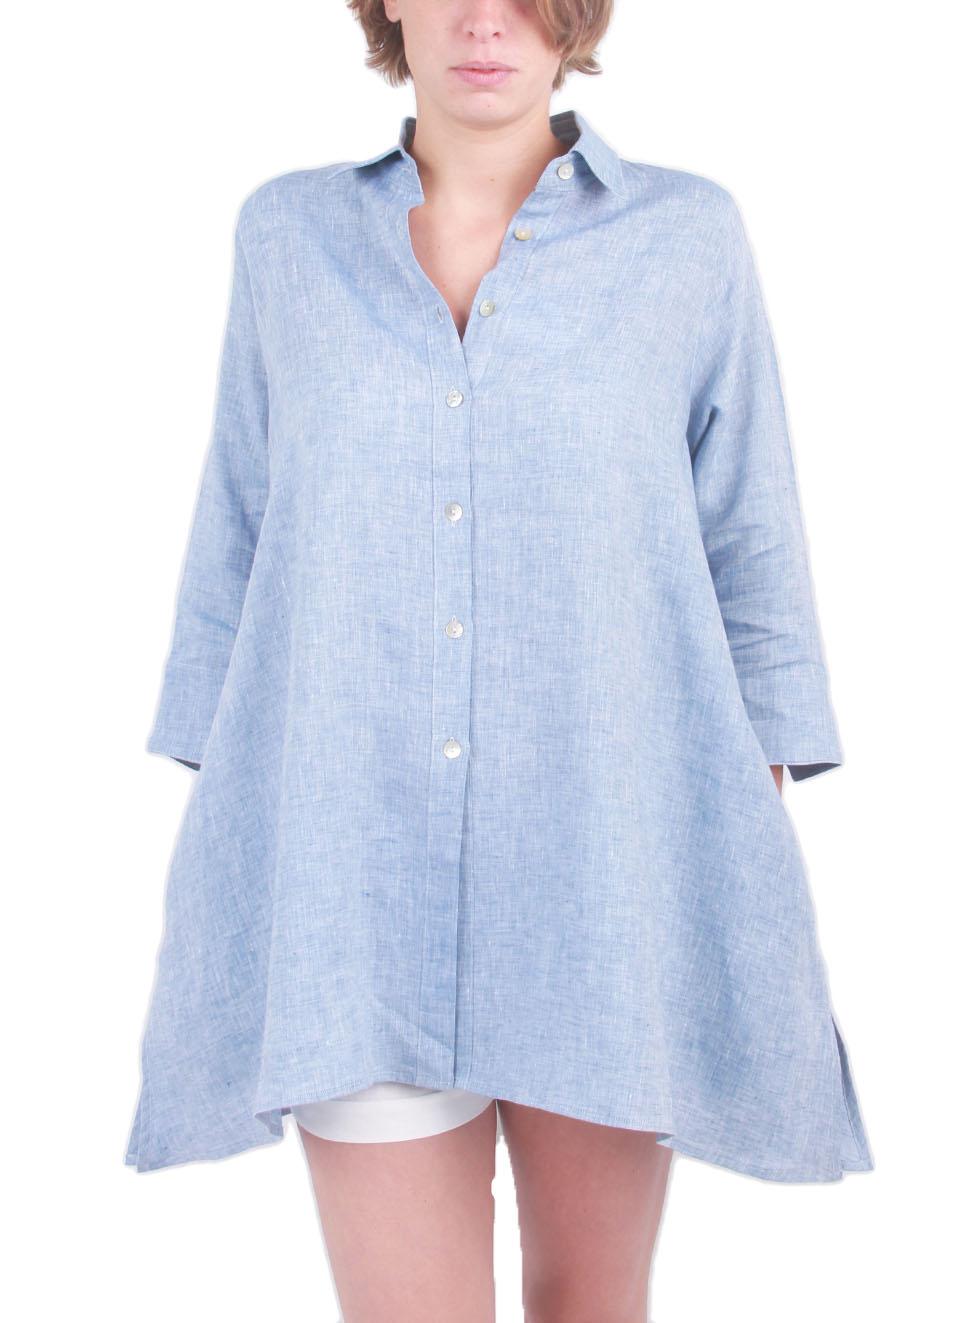 new concept c1fed ef626 Camicia ampia in lino azzurro - Colori Di Capri - Manecapri